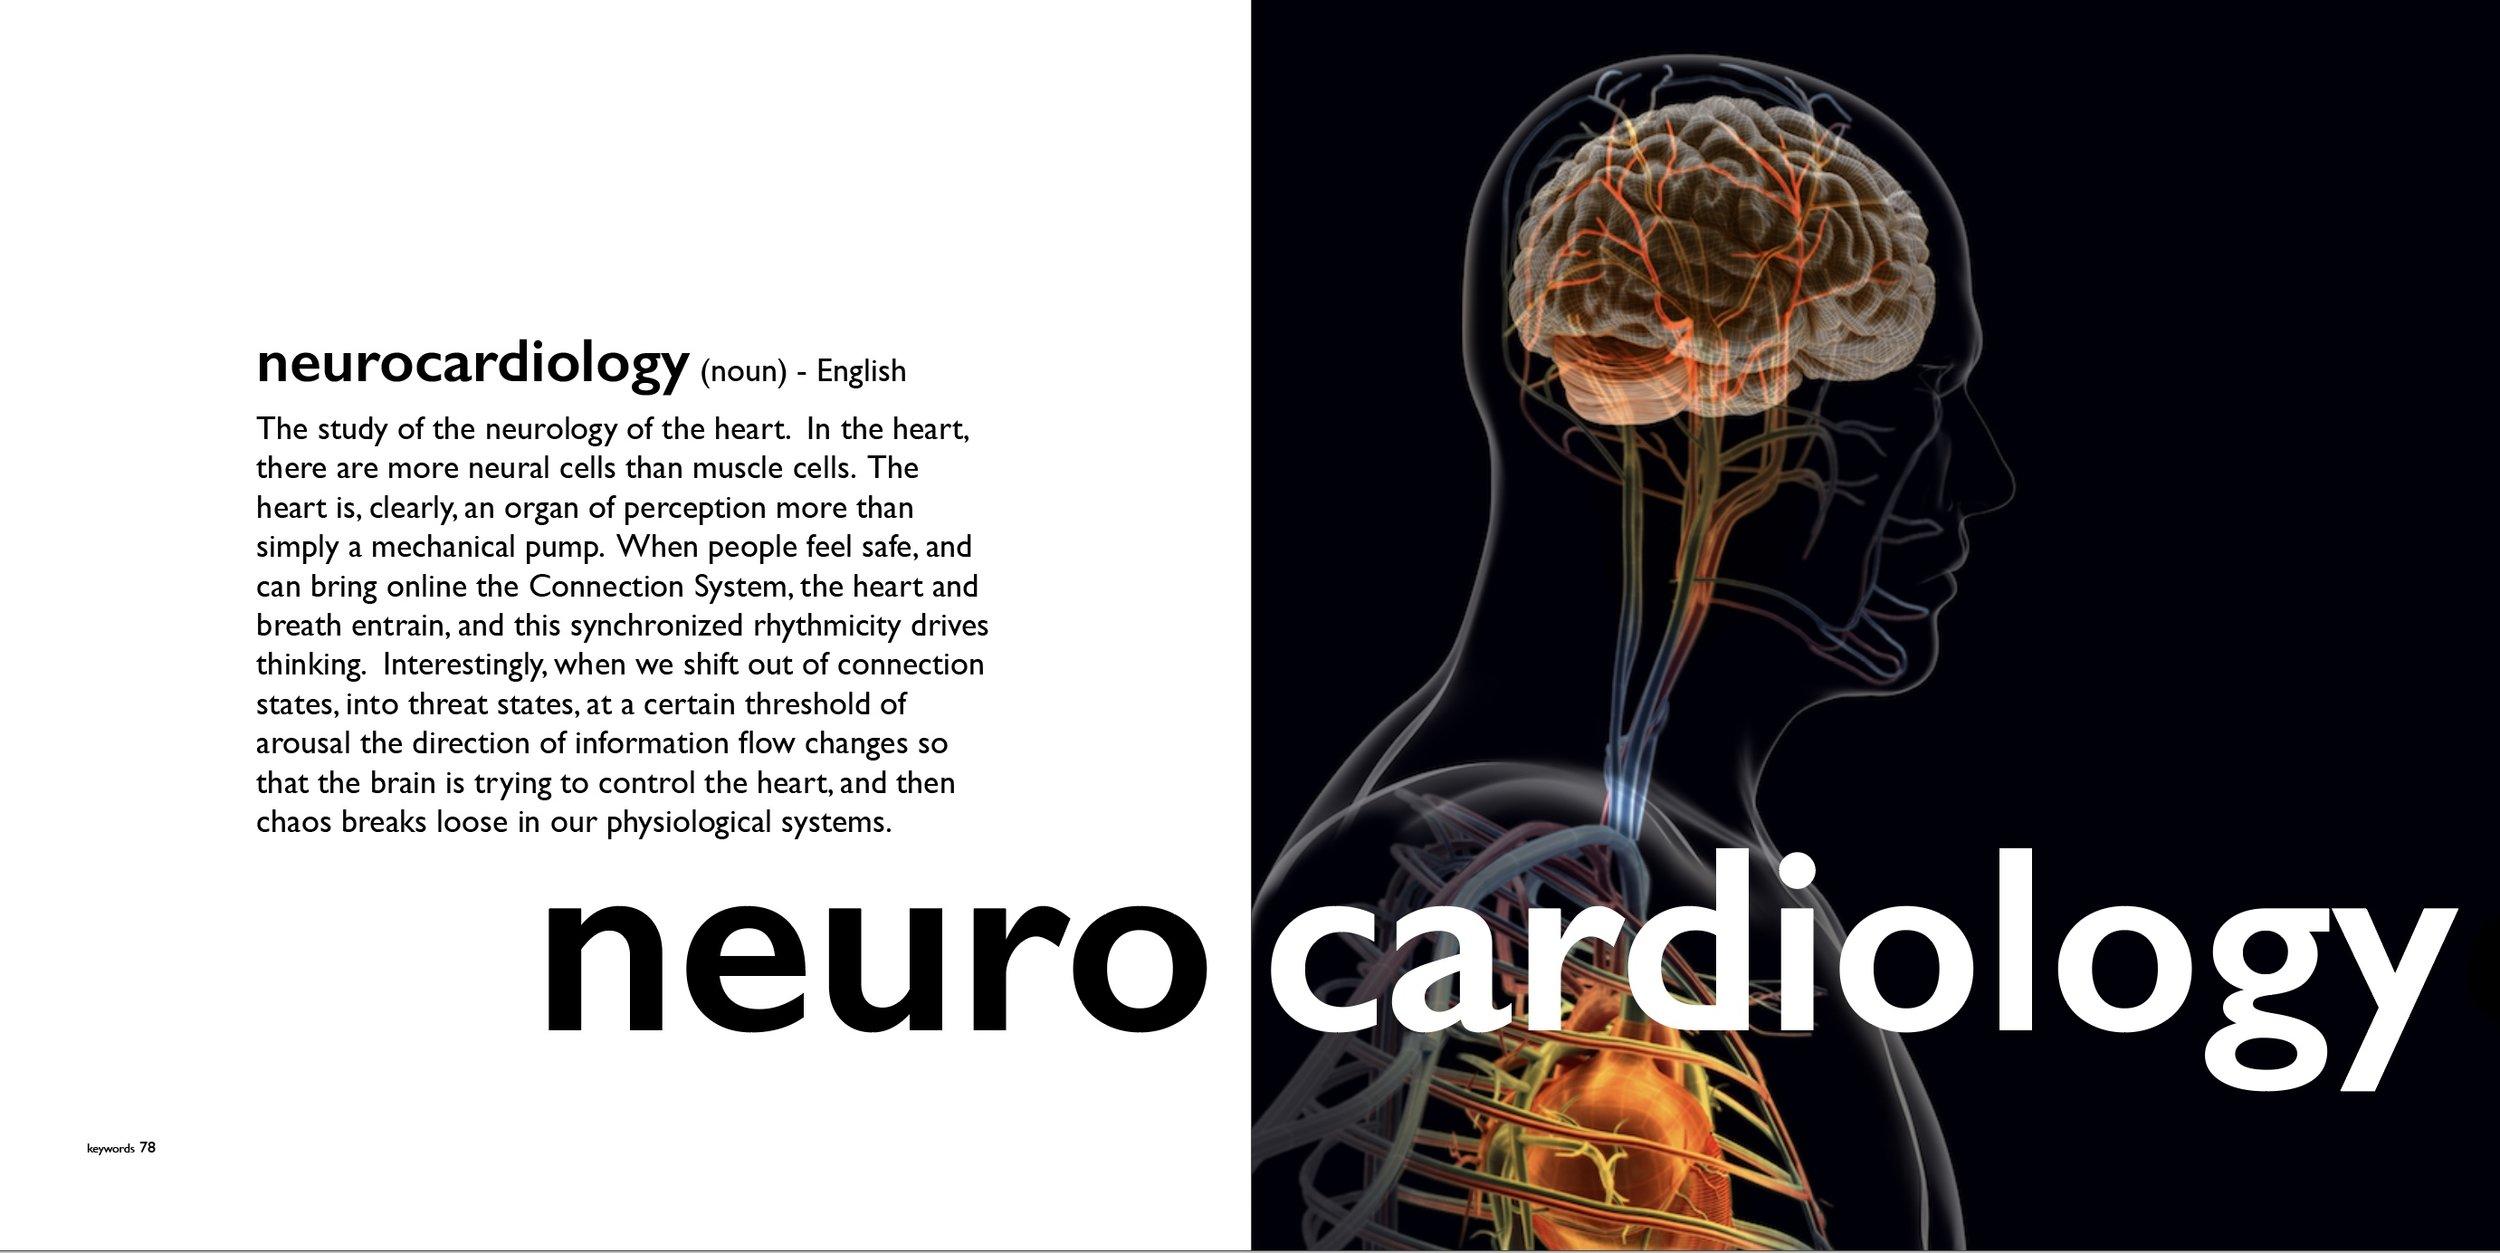 neurocardiology_keywords.jpeg